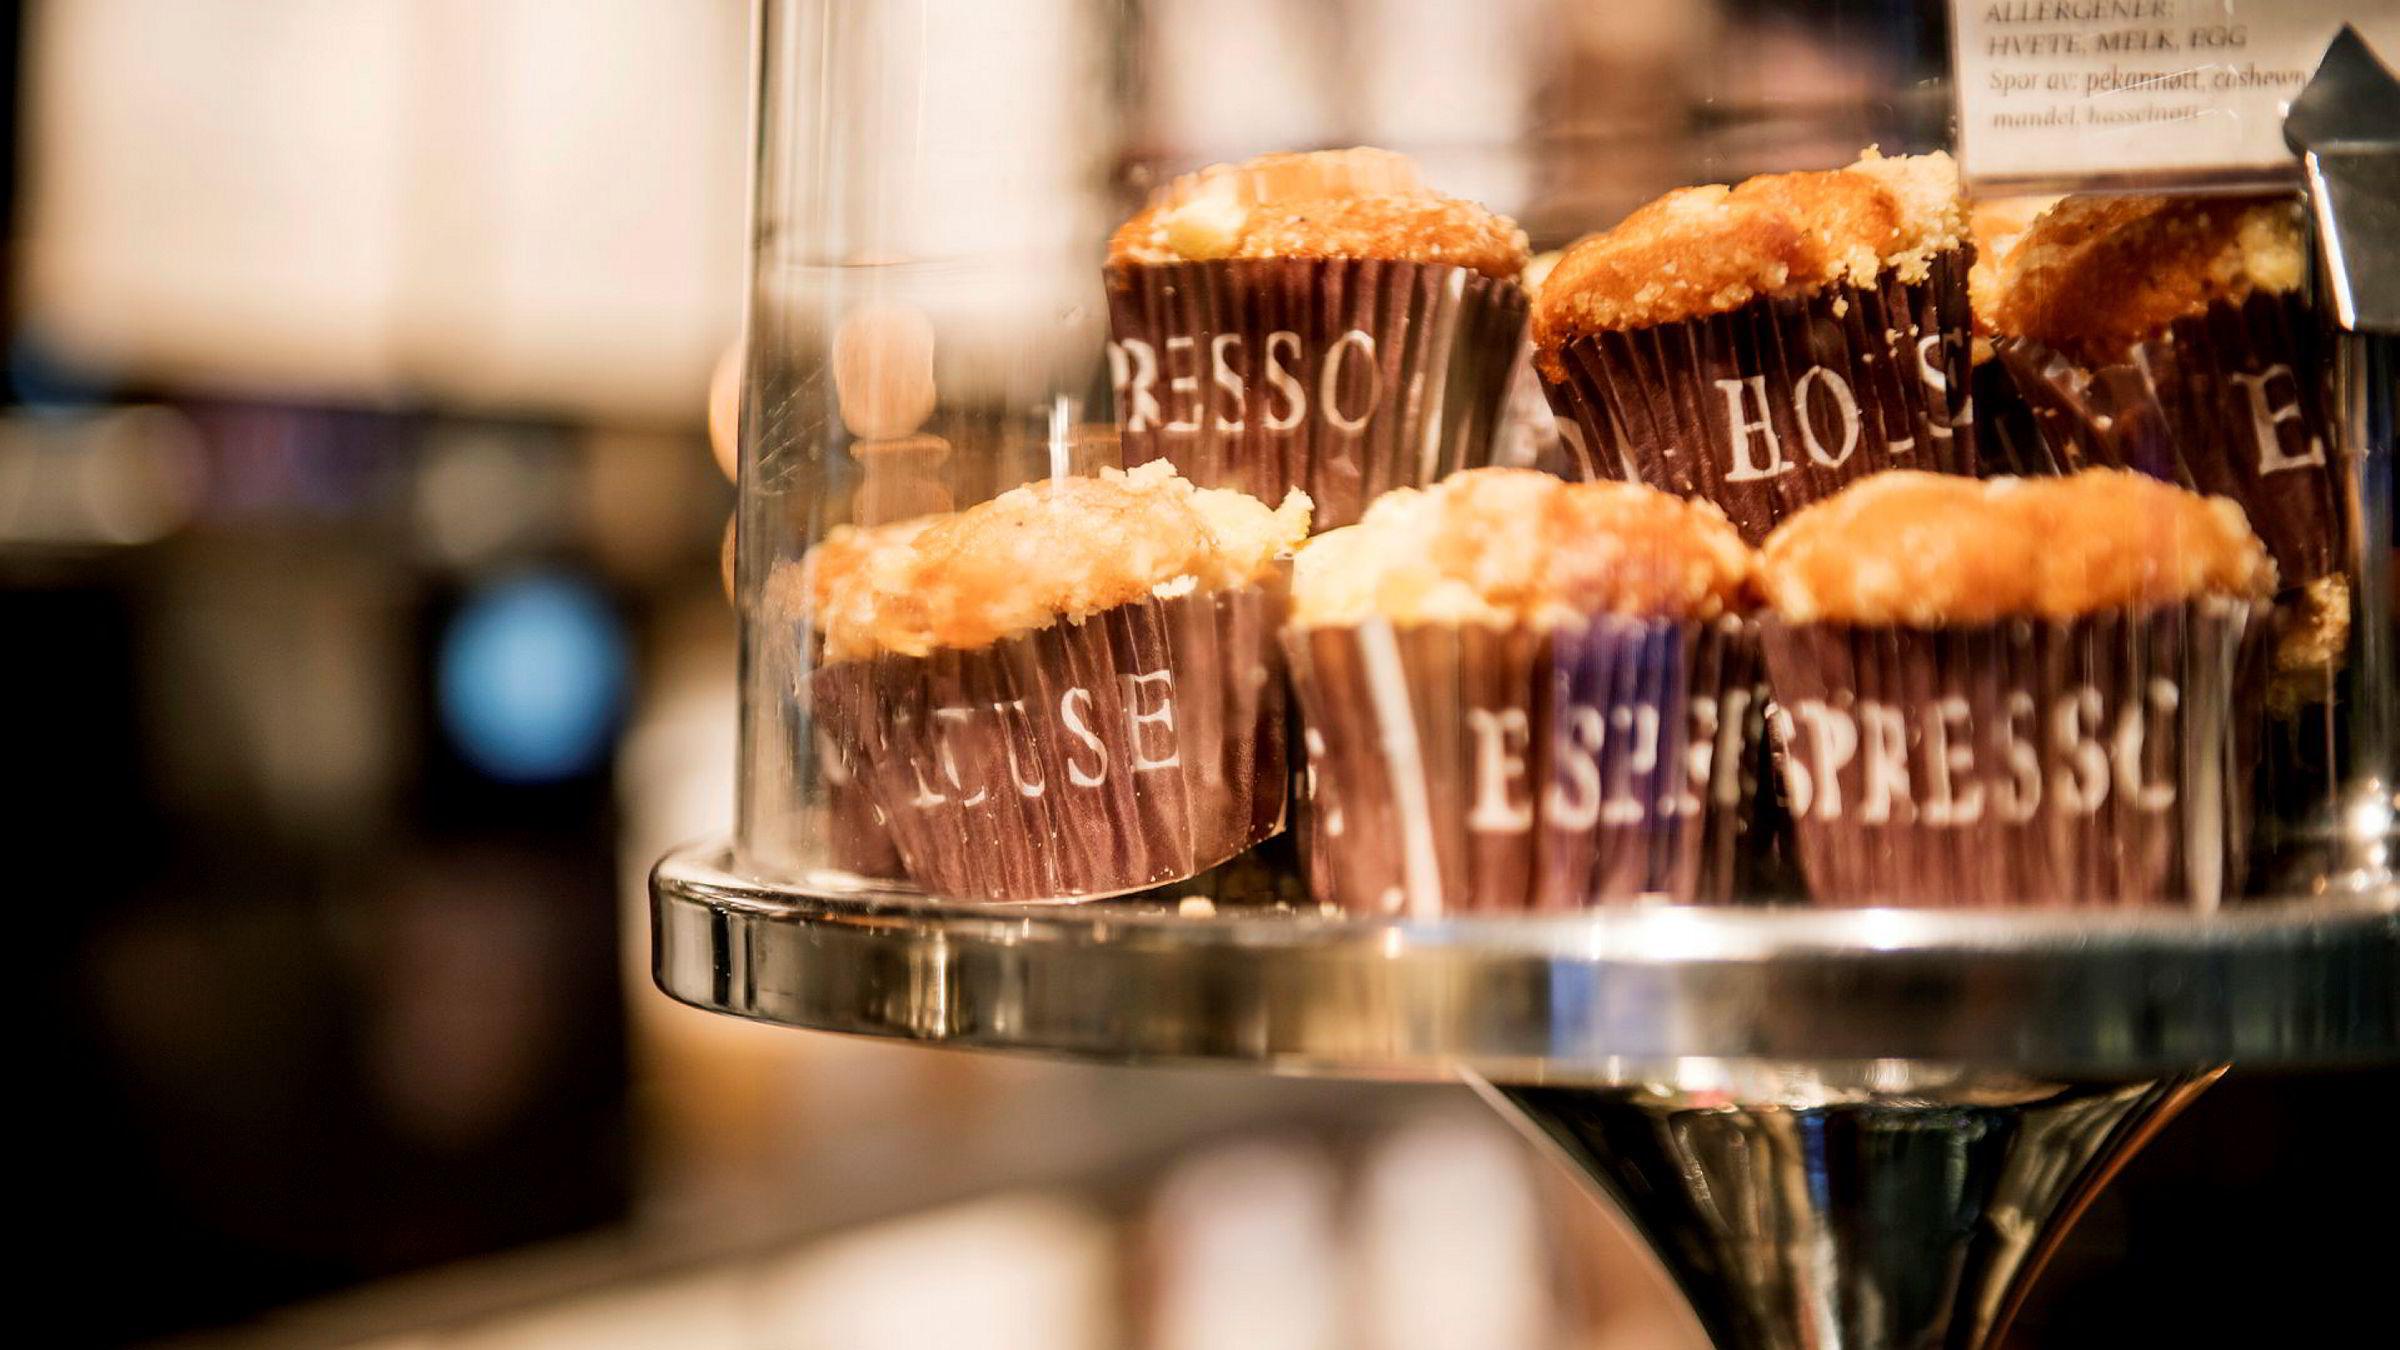 Ikke alle sidene ved arbeidsmiljøet i Espresso House tåler nærmere ettersyn like godt.